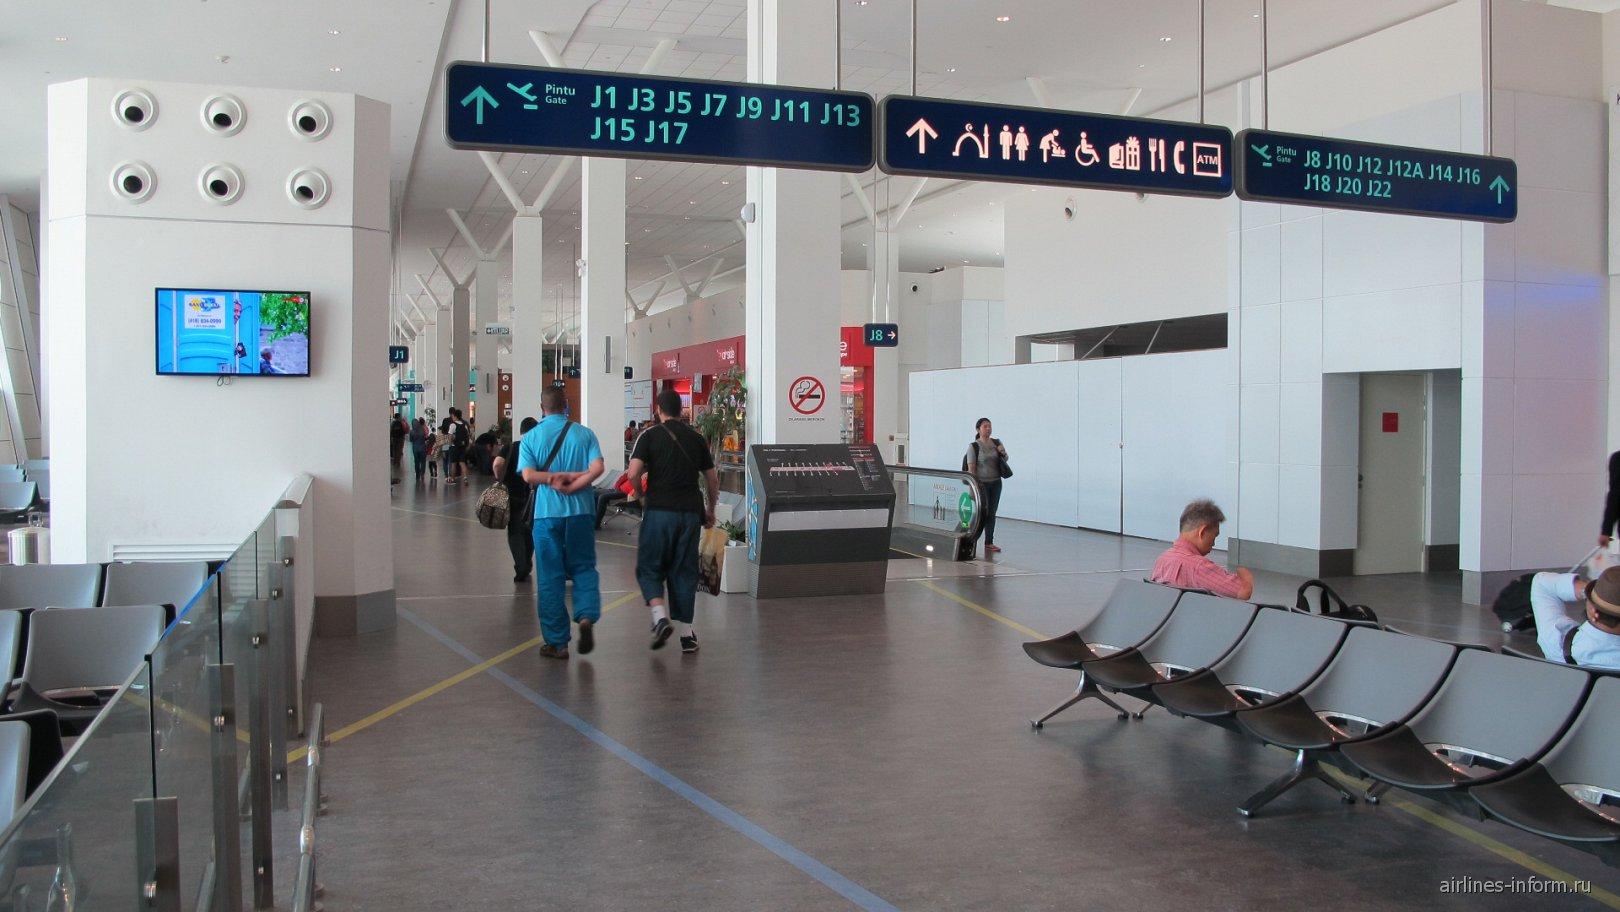 Крыло J чистой зоны лоукост-терминала KLIA2 аэропорта Куала-Лумпур